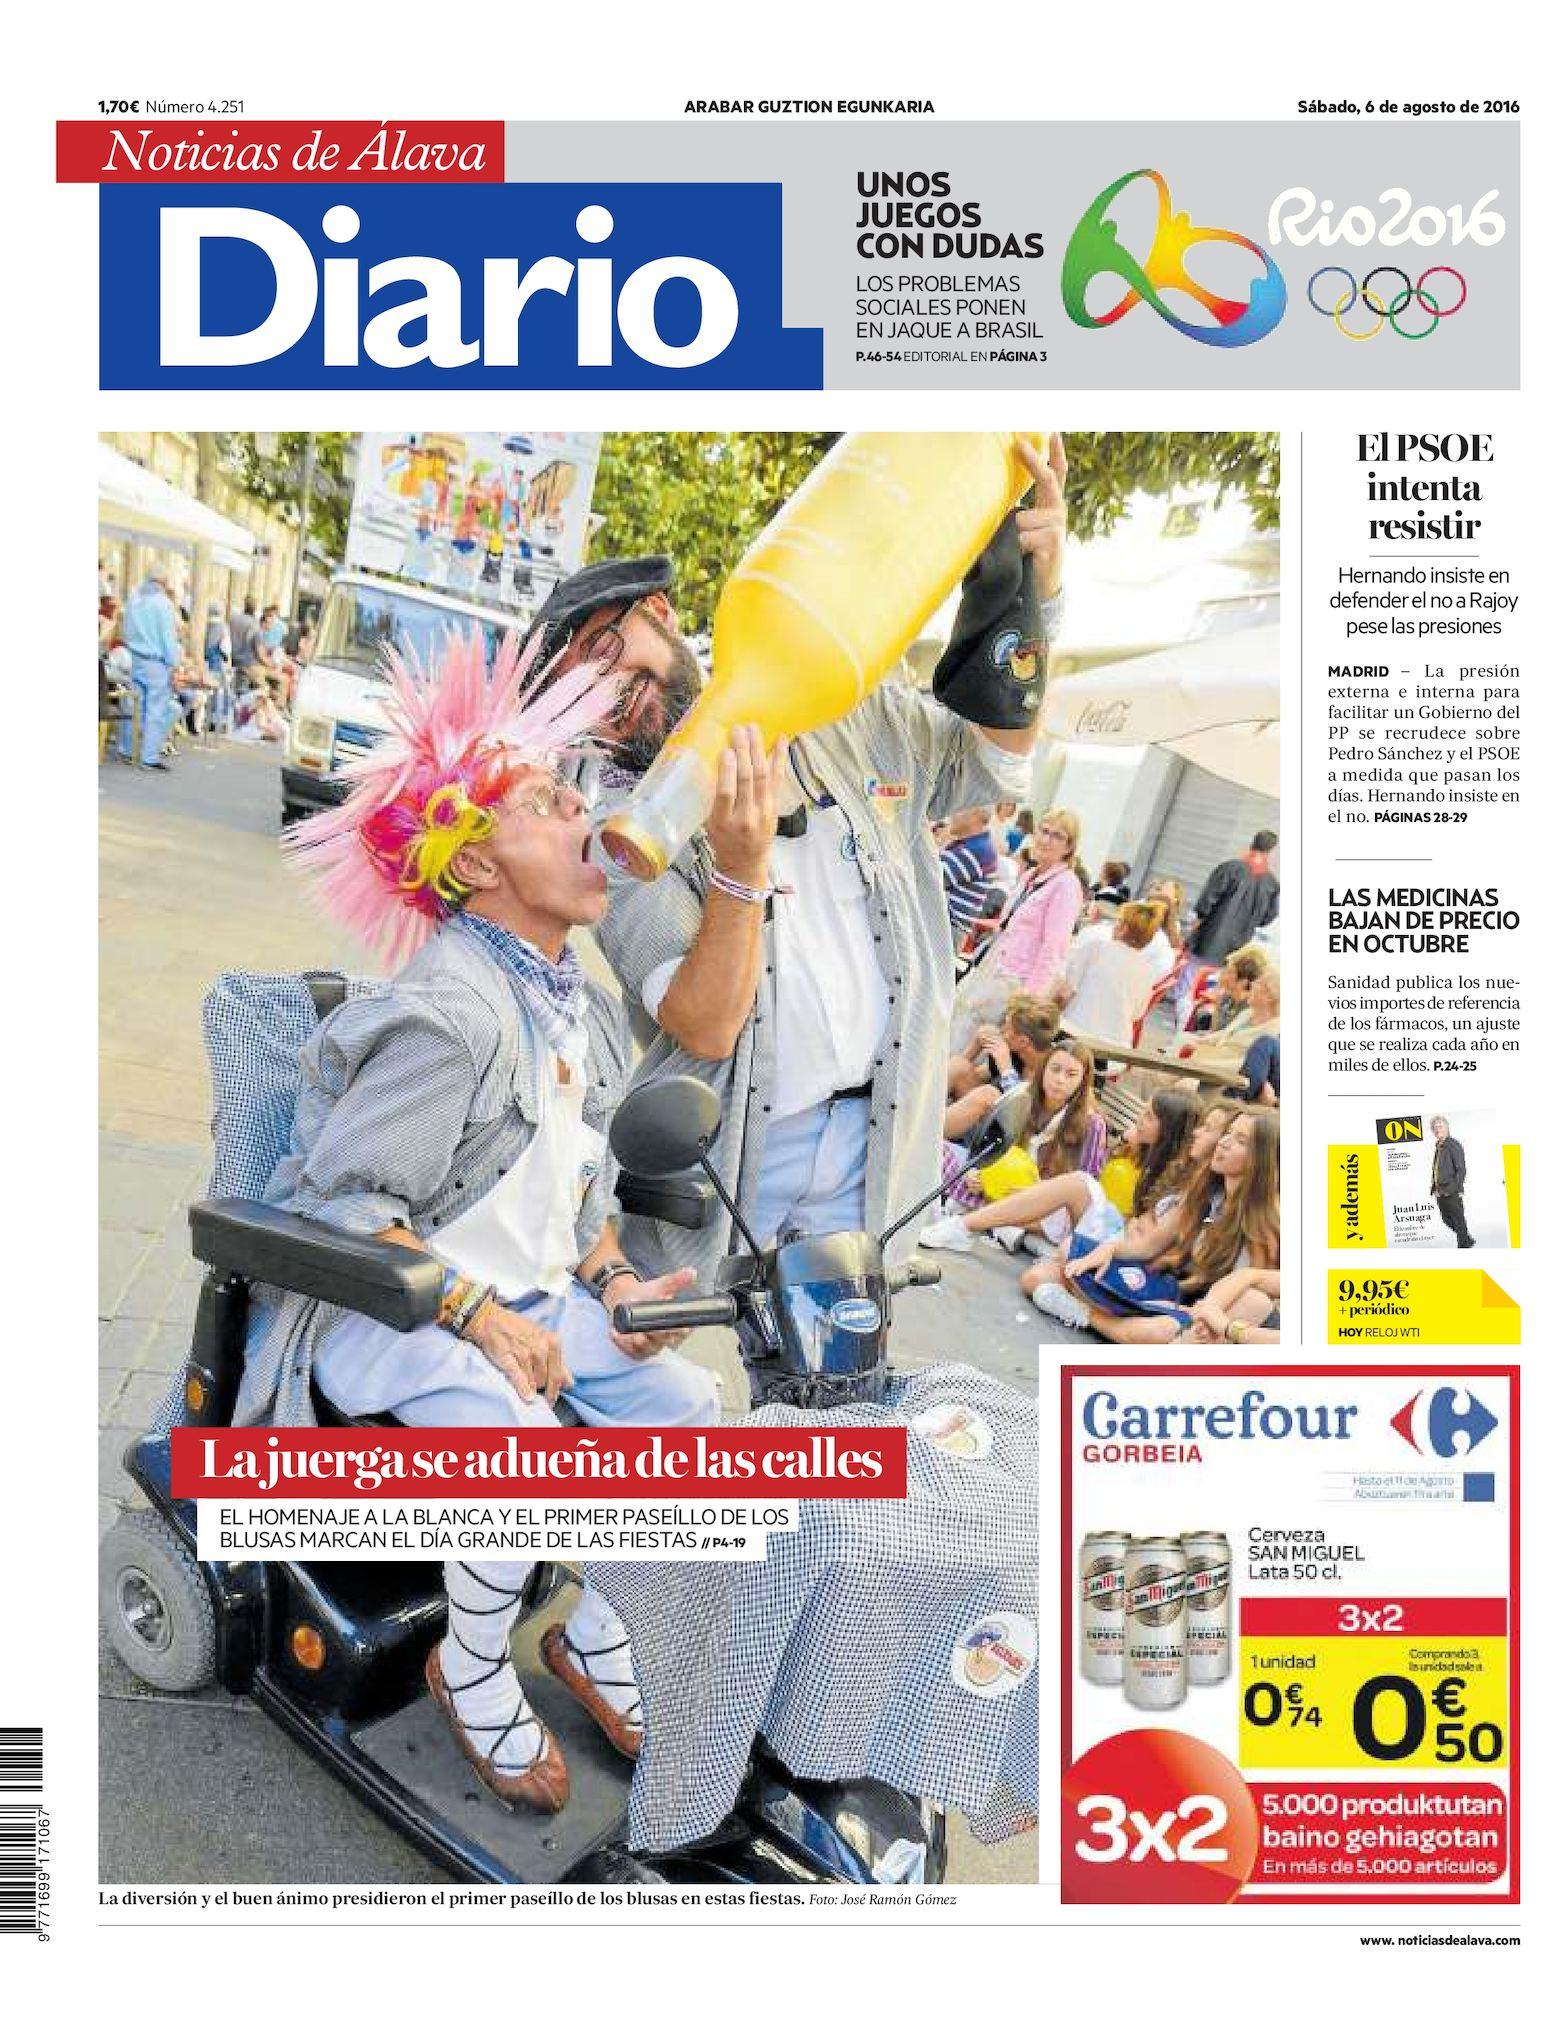 5716184f9 Calaméo - Diario de Noticias de Álava 20160806